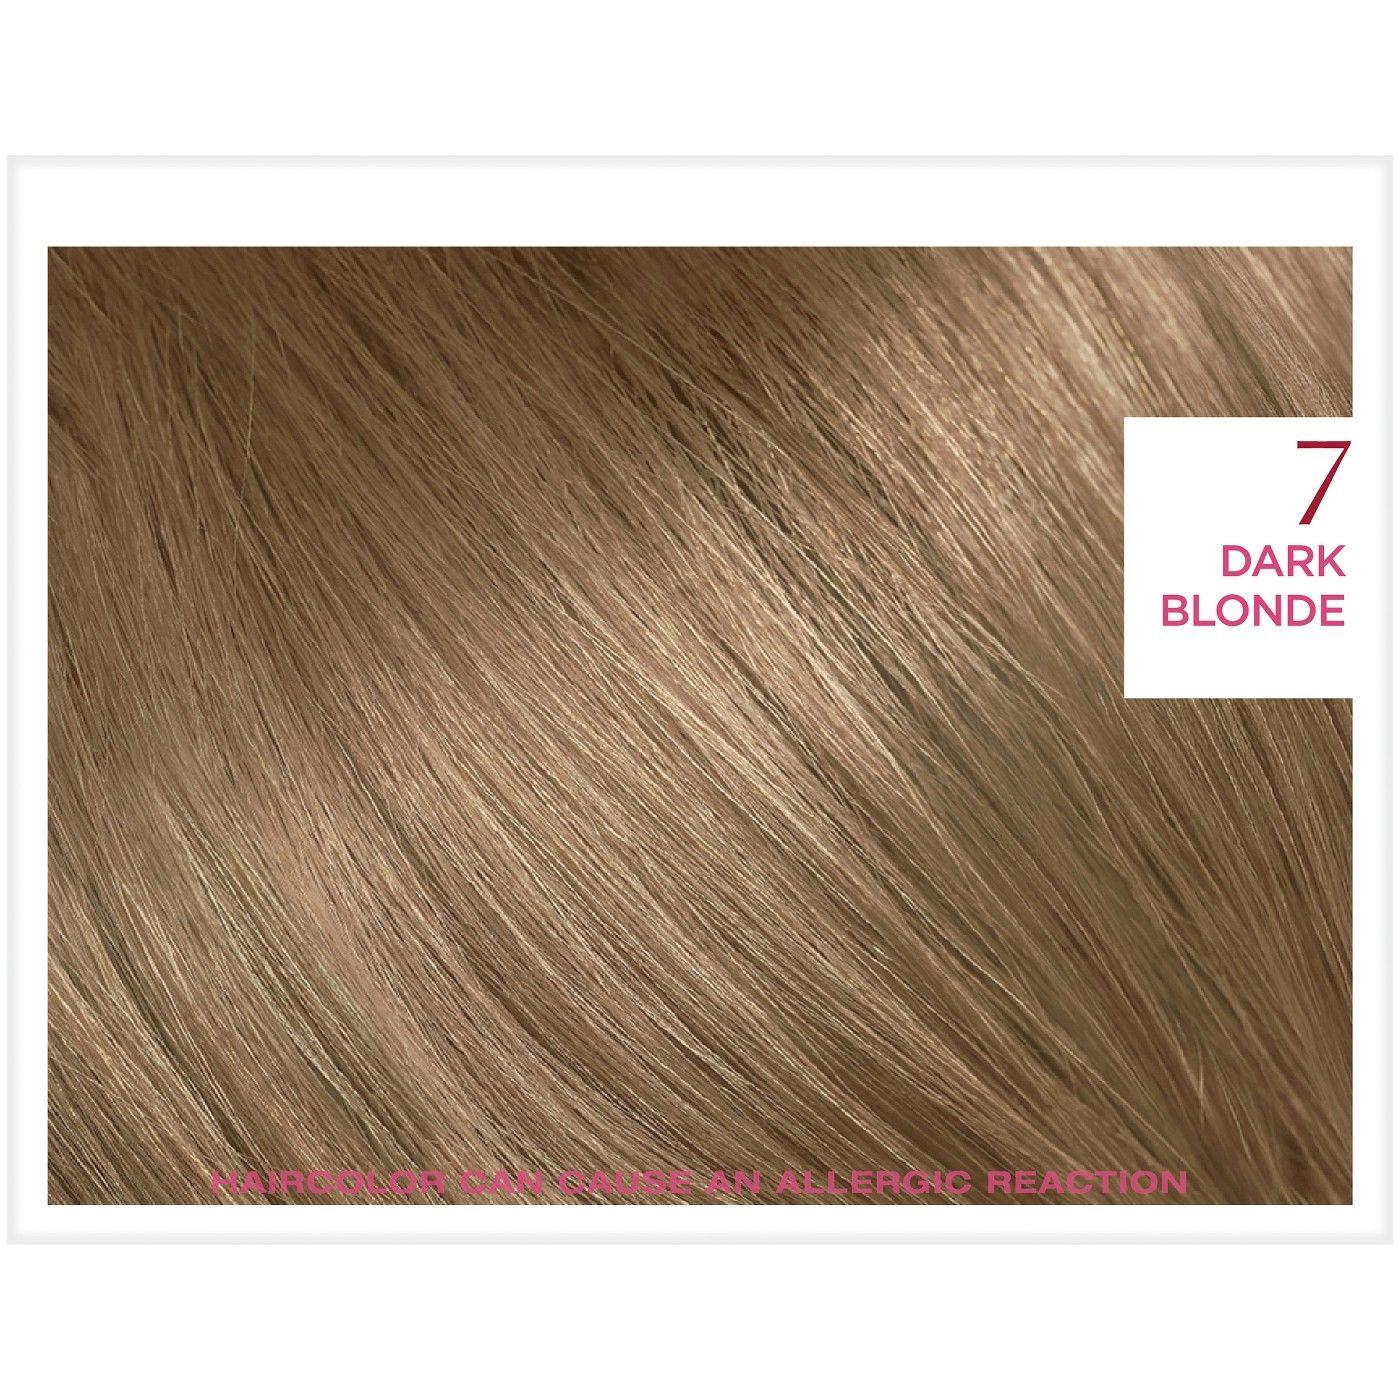 L Oreal Paris Excellence Triple Protection Permanent Hair Color Affiliate Excellence Ad Triple Oreal In 2020 Dark Blonde Permanent Hair Color Loreal Paris